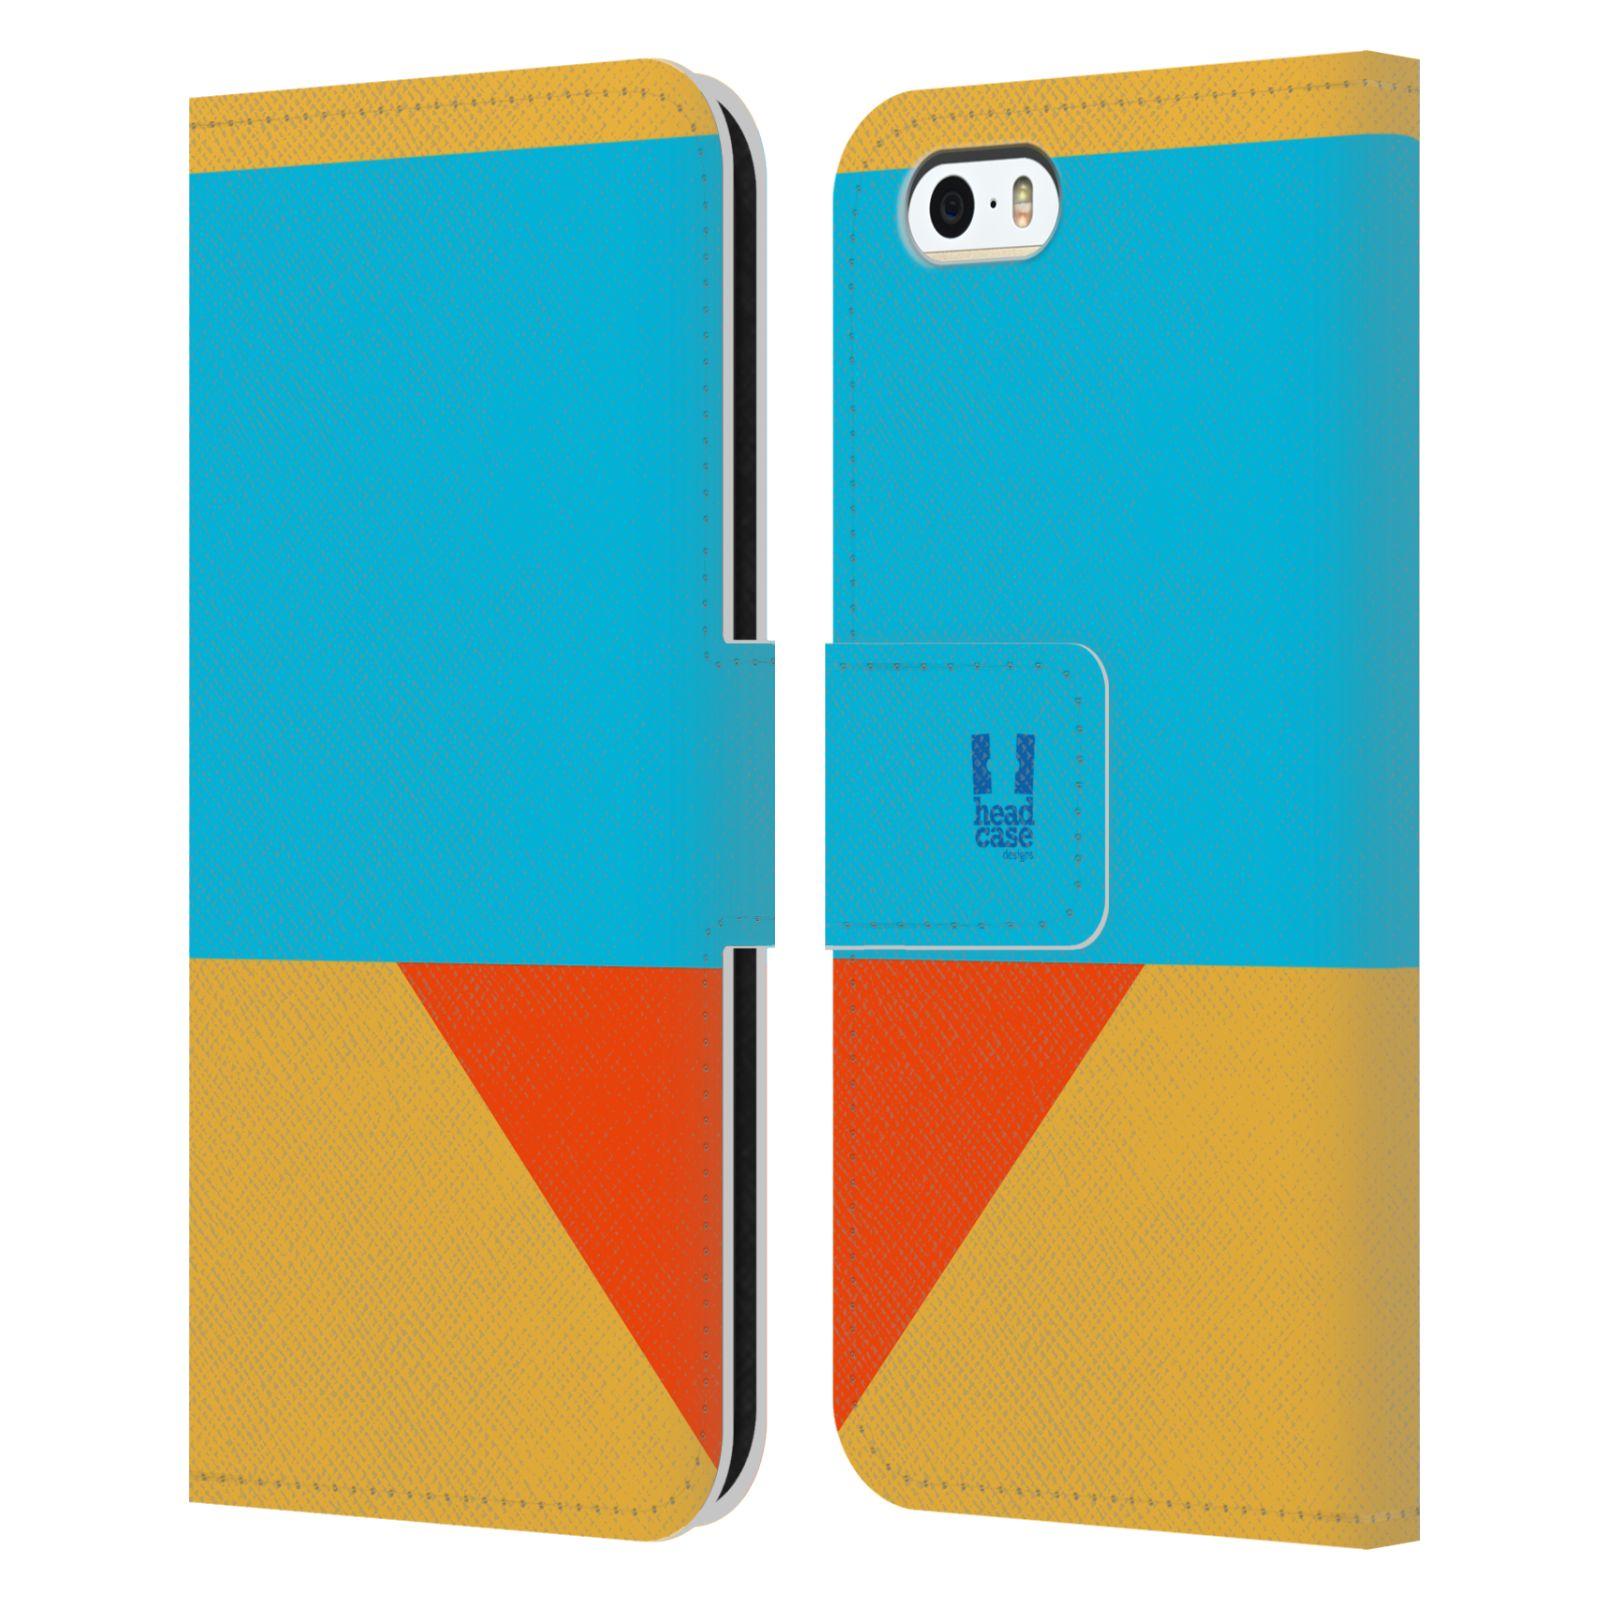 HEAD CASE Flipové pouzdro pro mobil Apple Iphone 5/5S barevné tvary béžová a modrá DAY WEAR